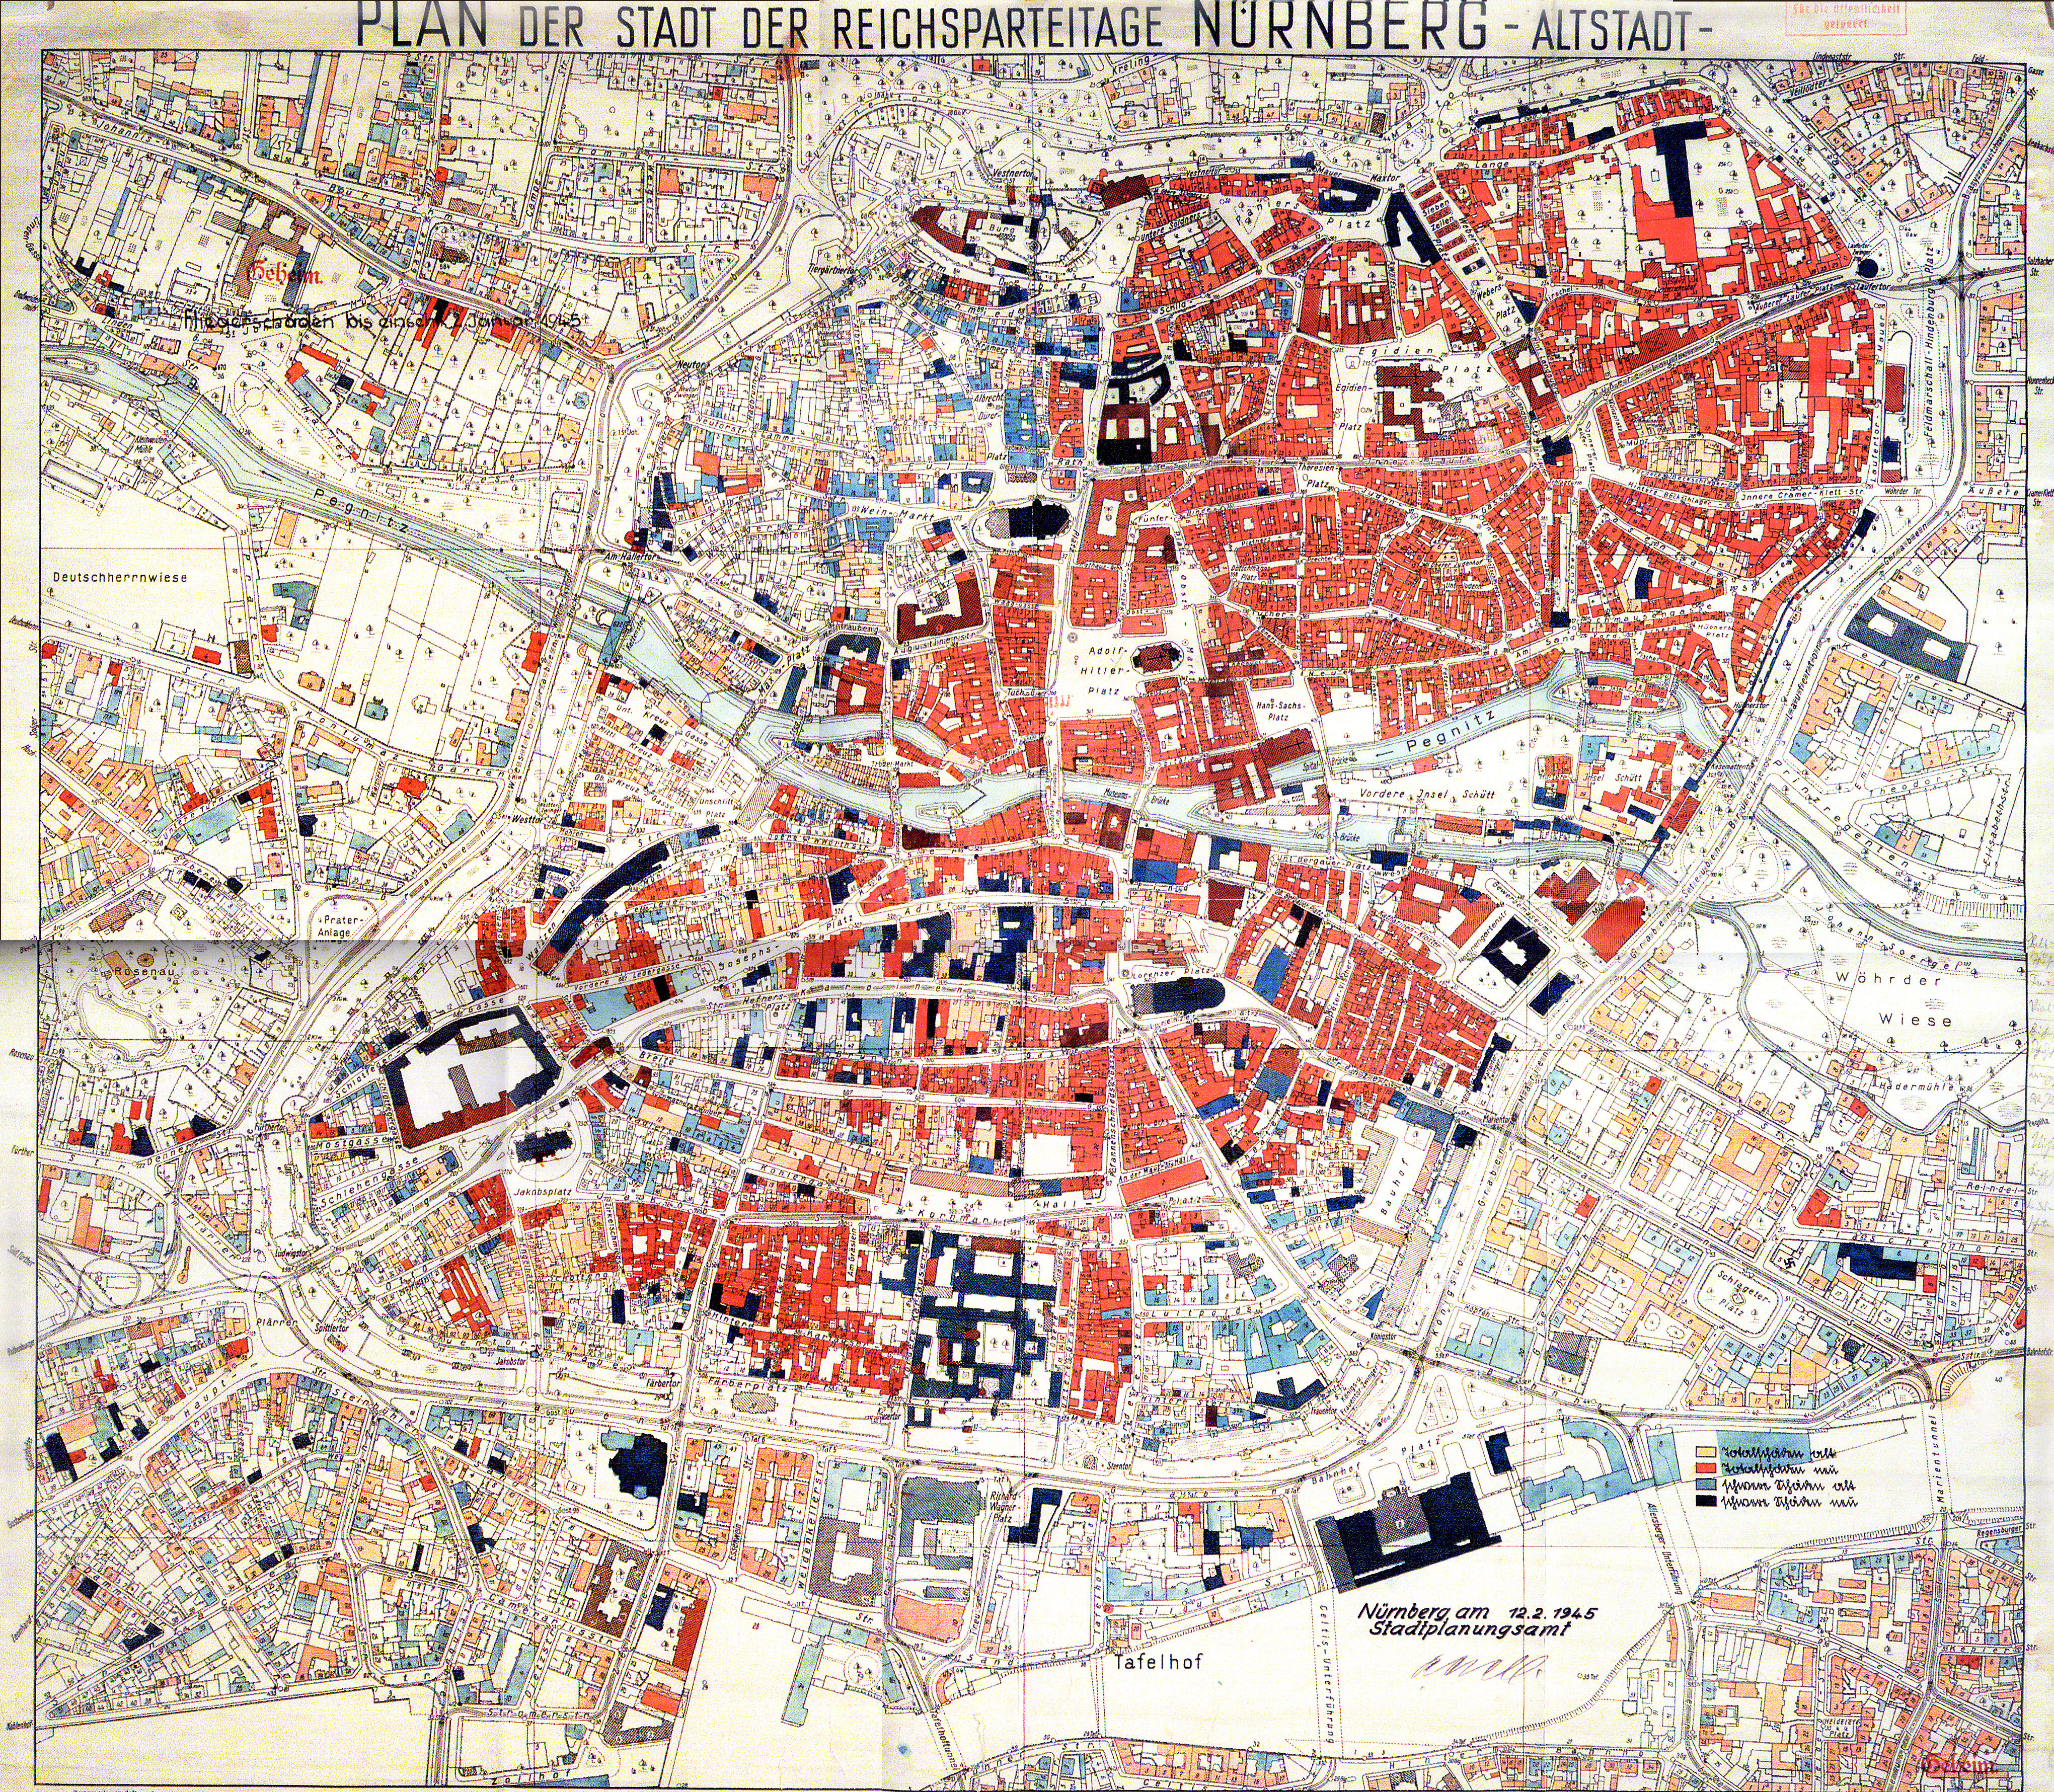 Stadtplan von Nürnberg 1945 mit Angabe der zerbombten Objekte.